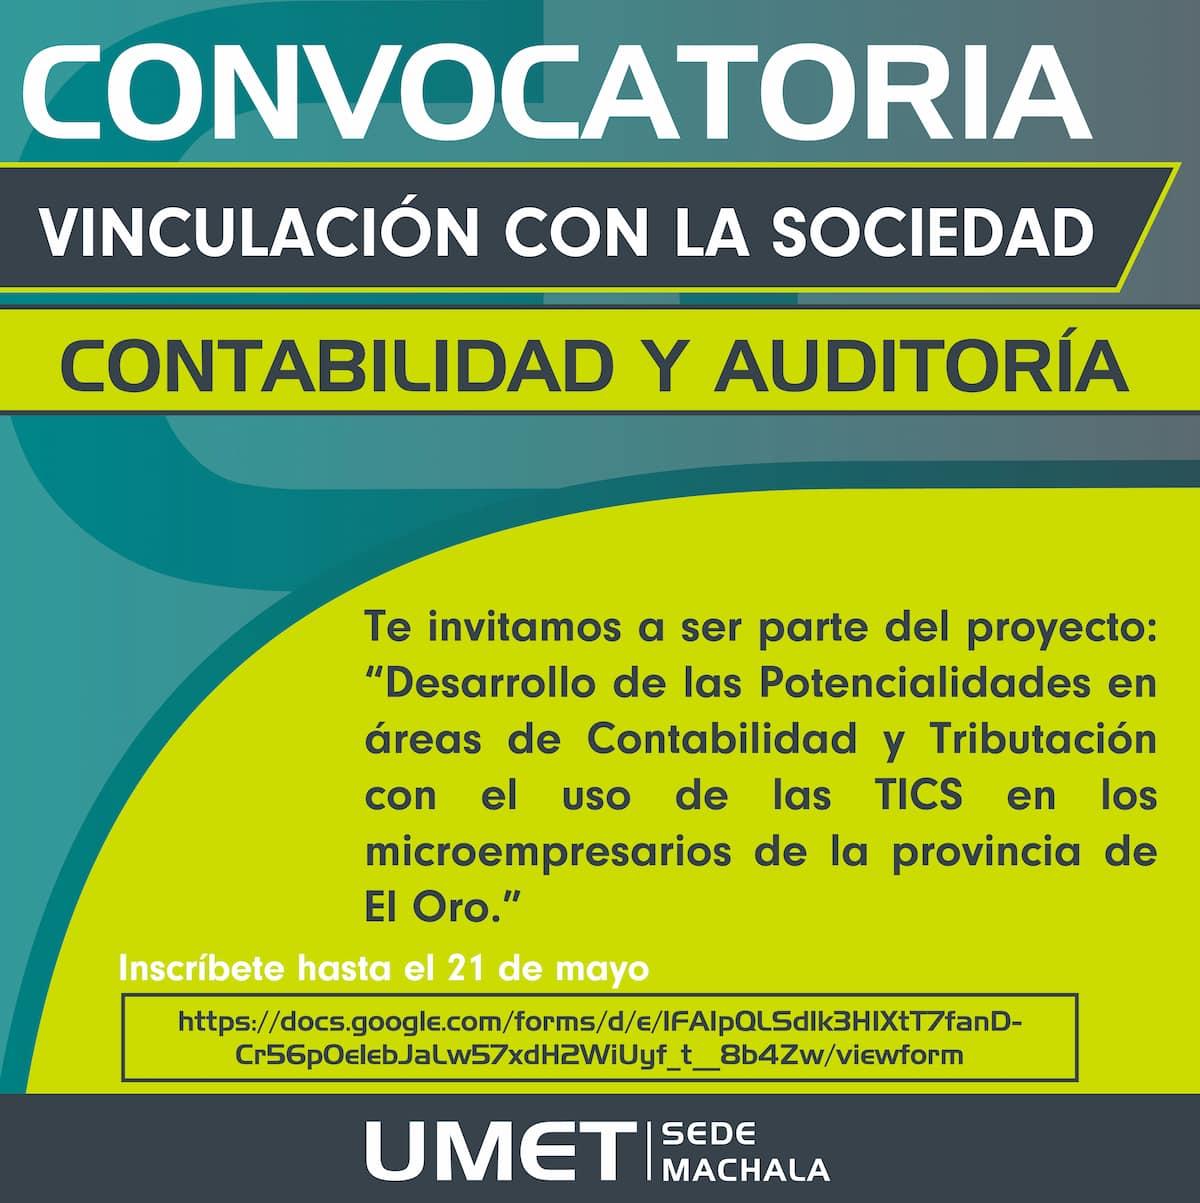 Convocatoria dirigida a los estudiantes de la UMET